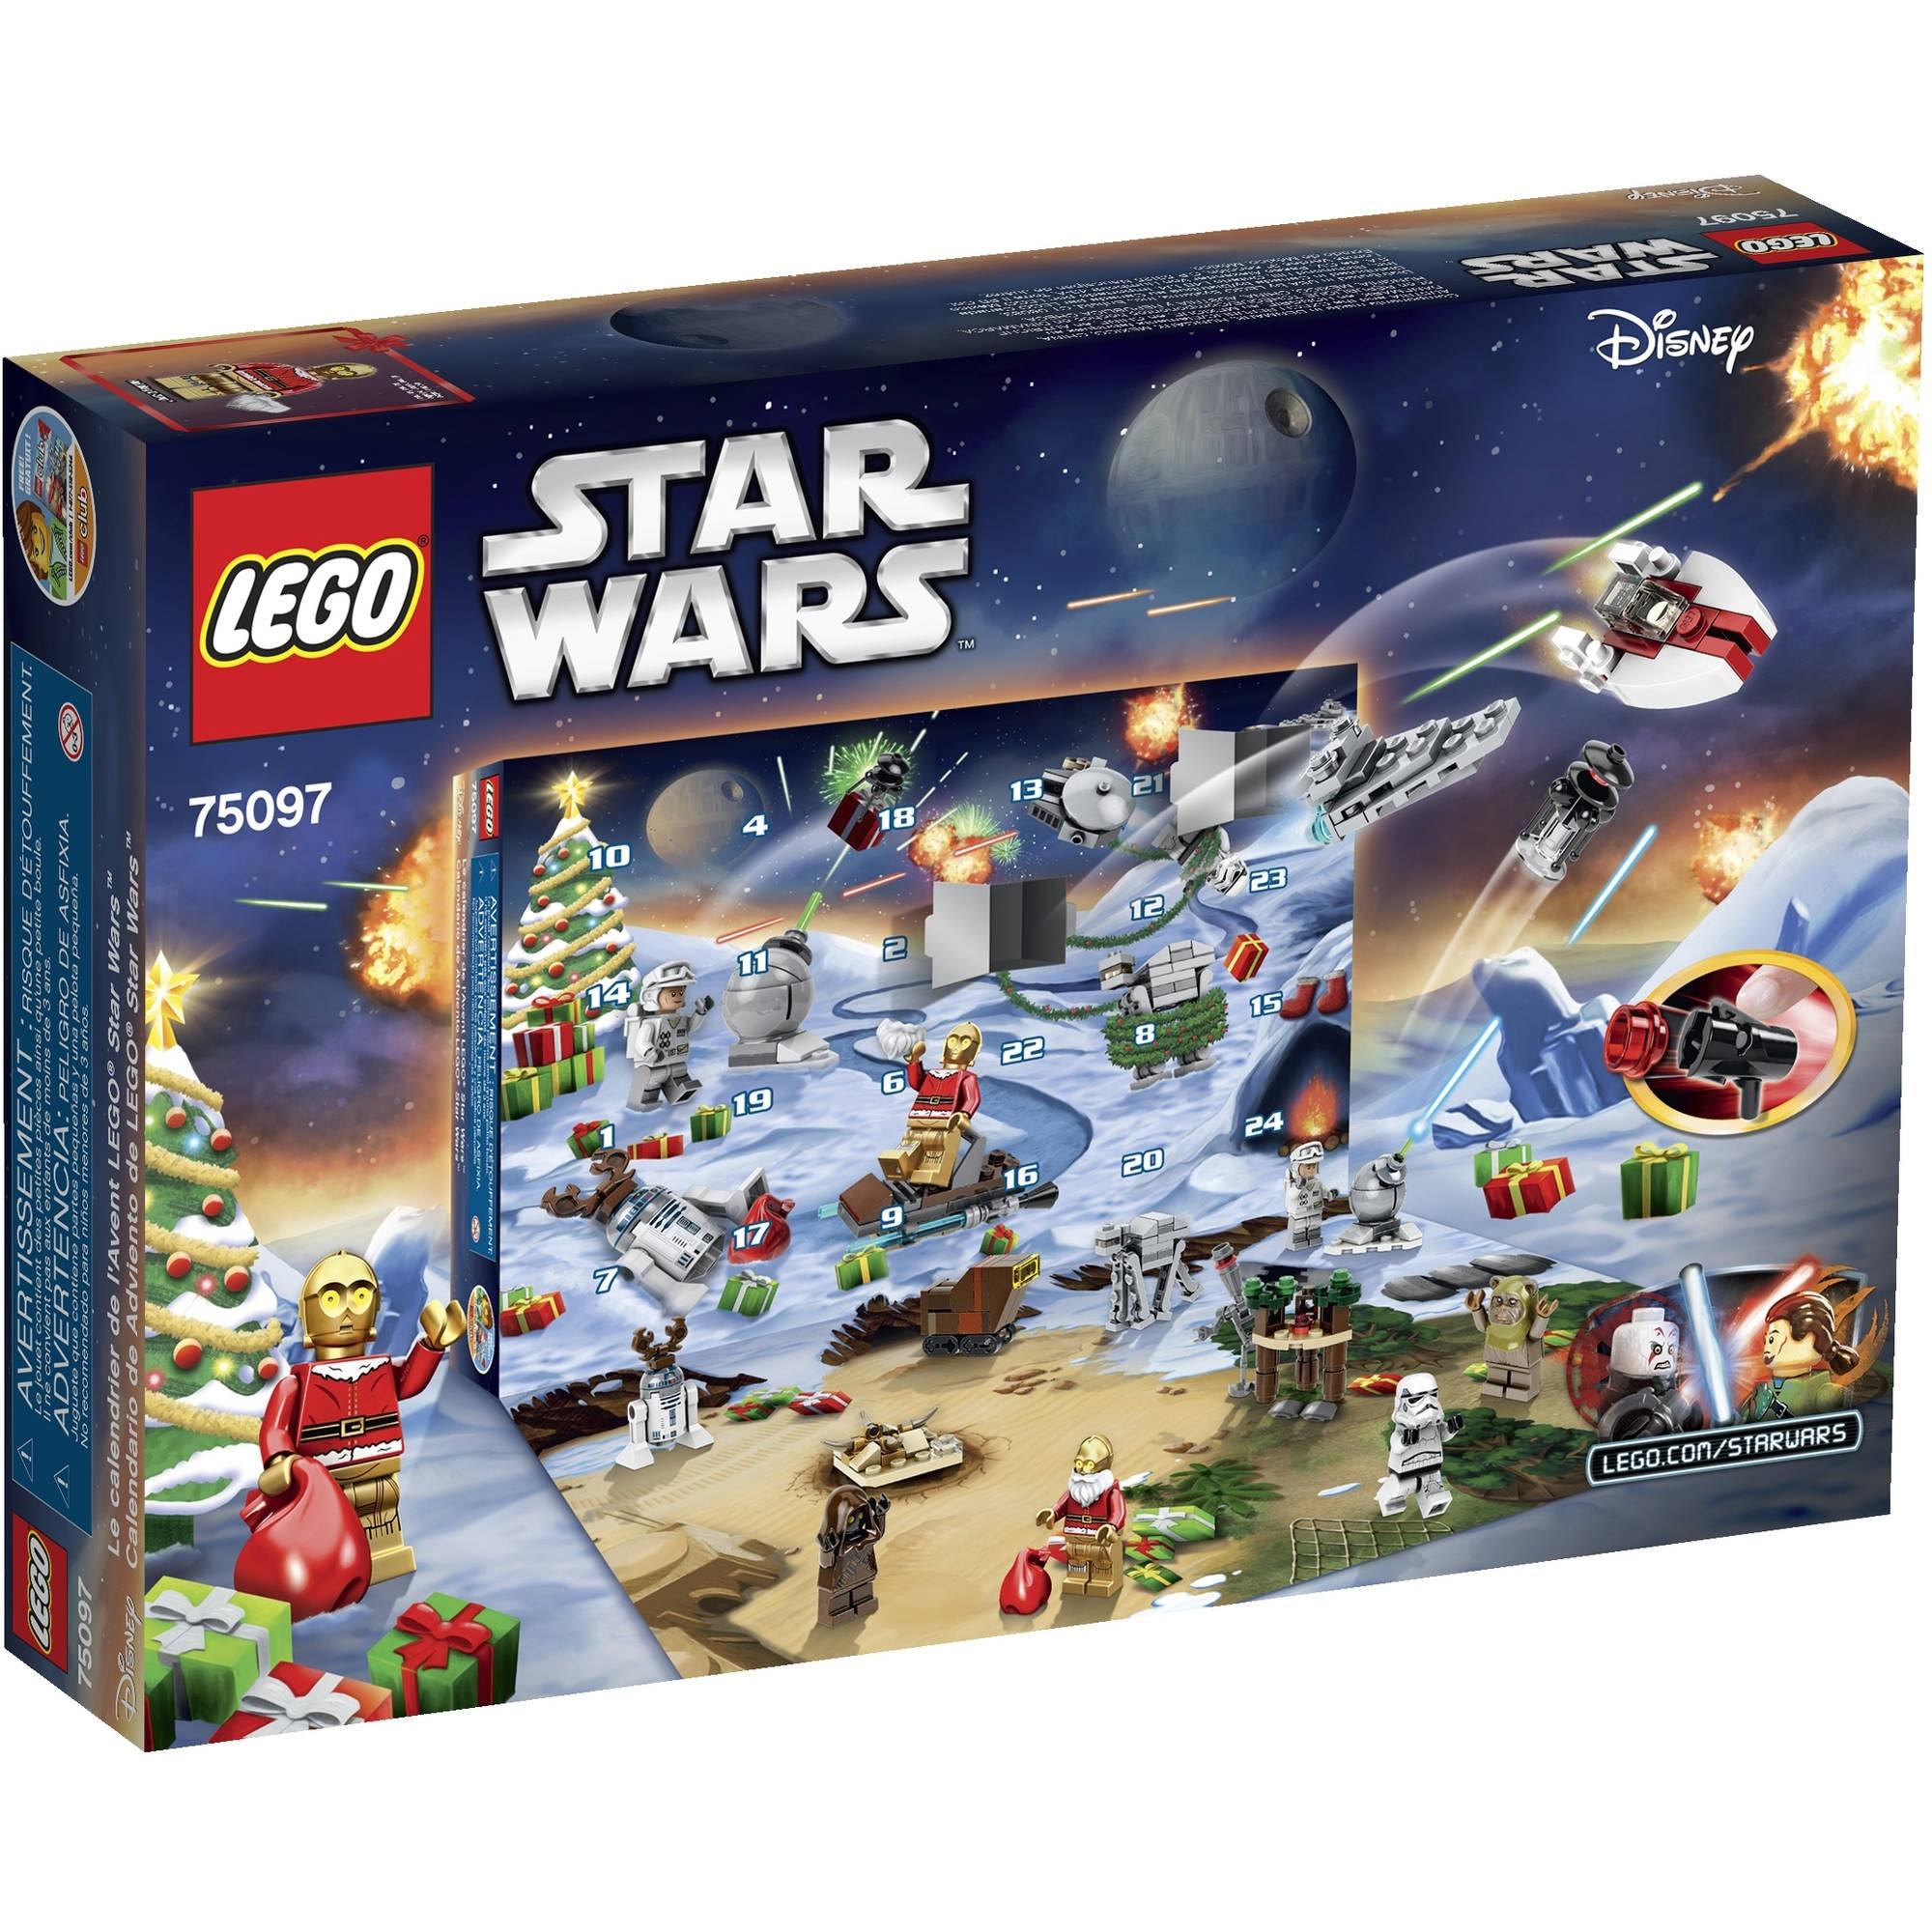 Lego Star Wars Advent Calendar 75097 - Walmart regarding All Star Wars Advent Calendar